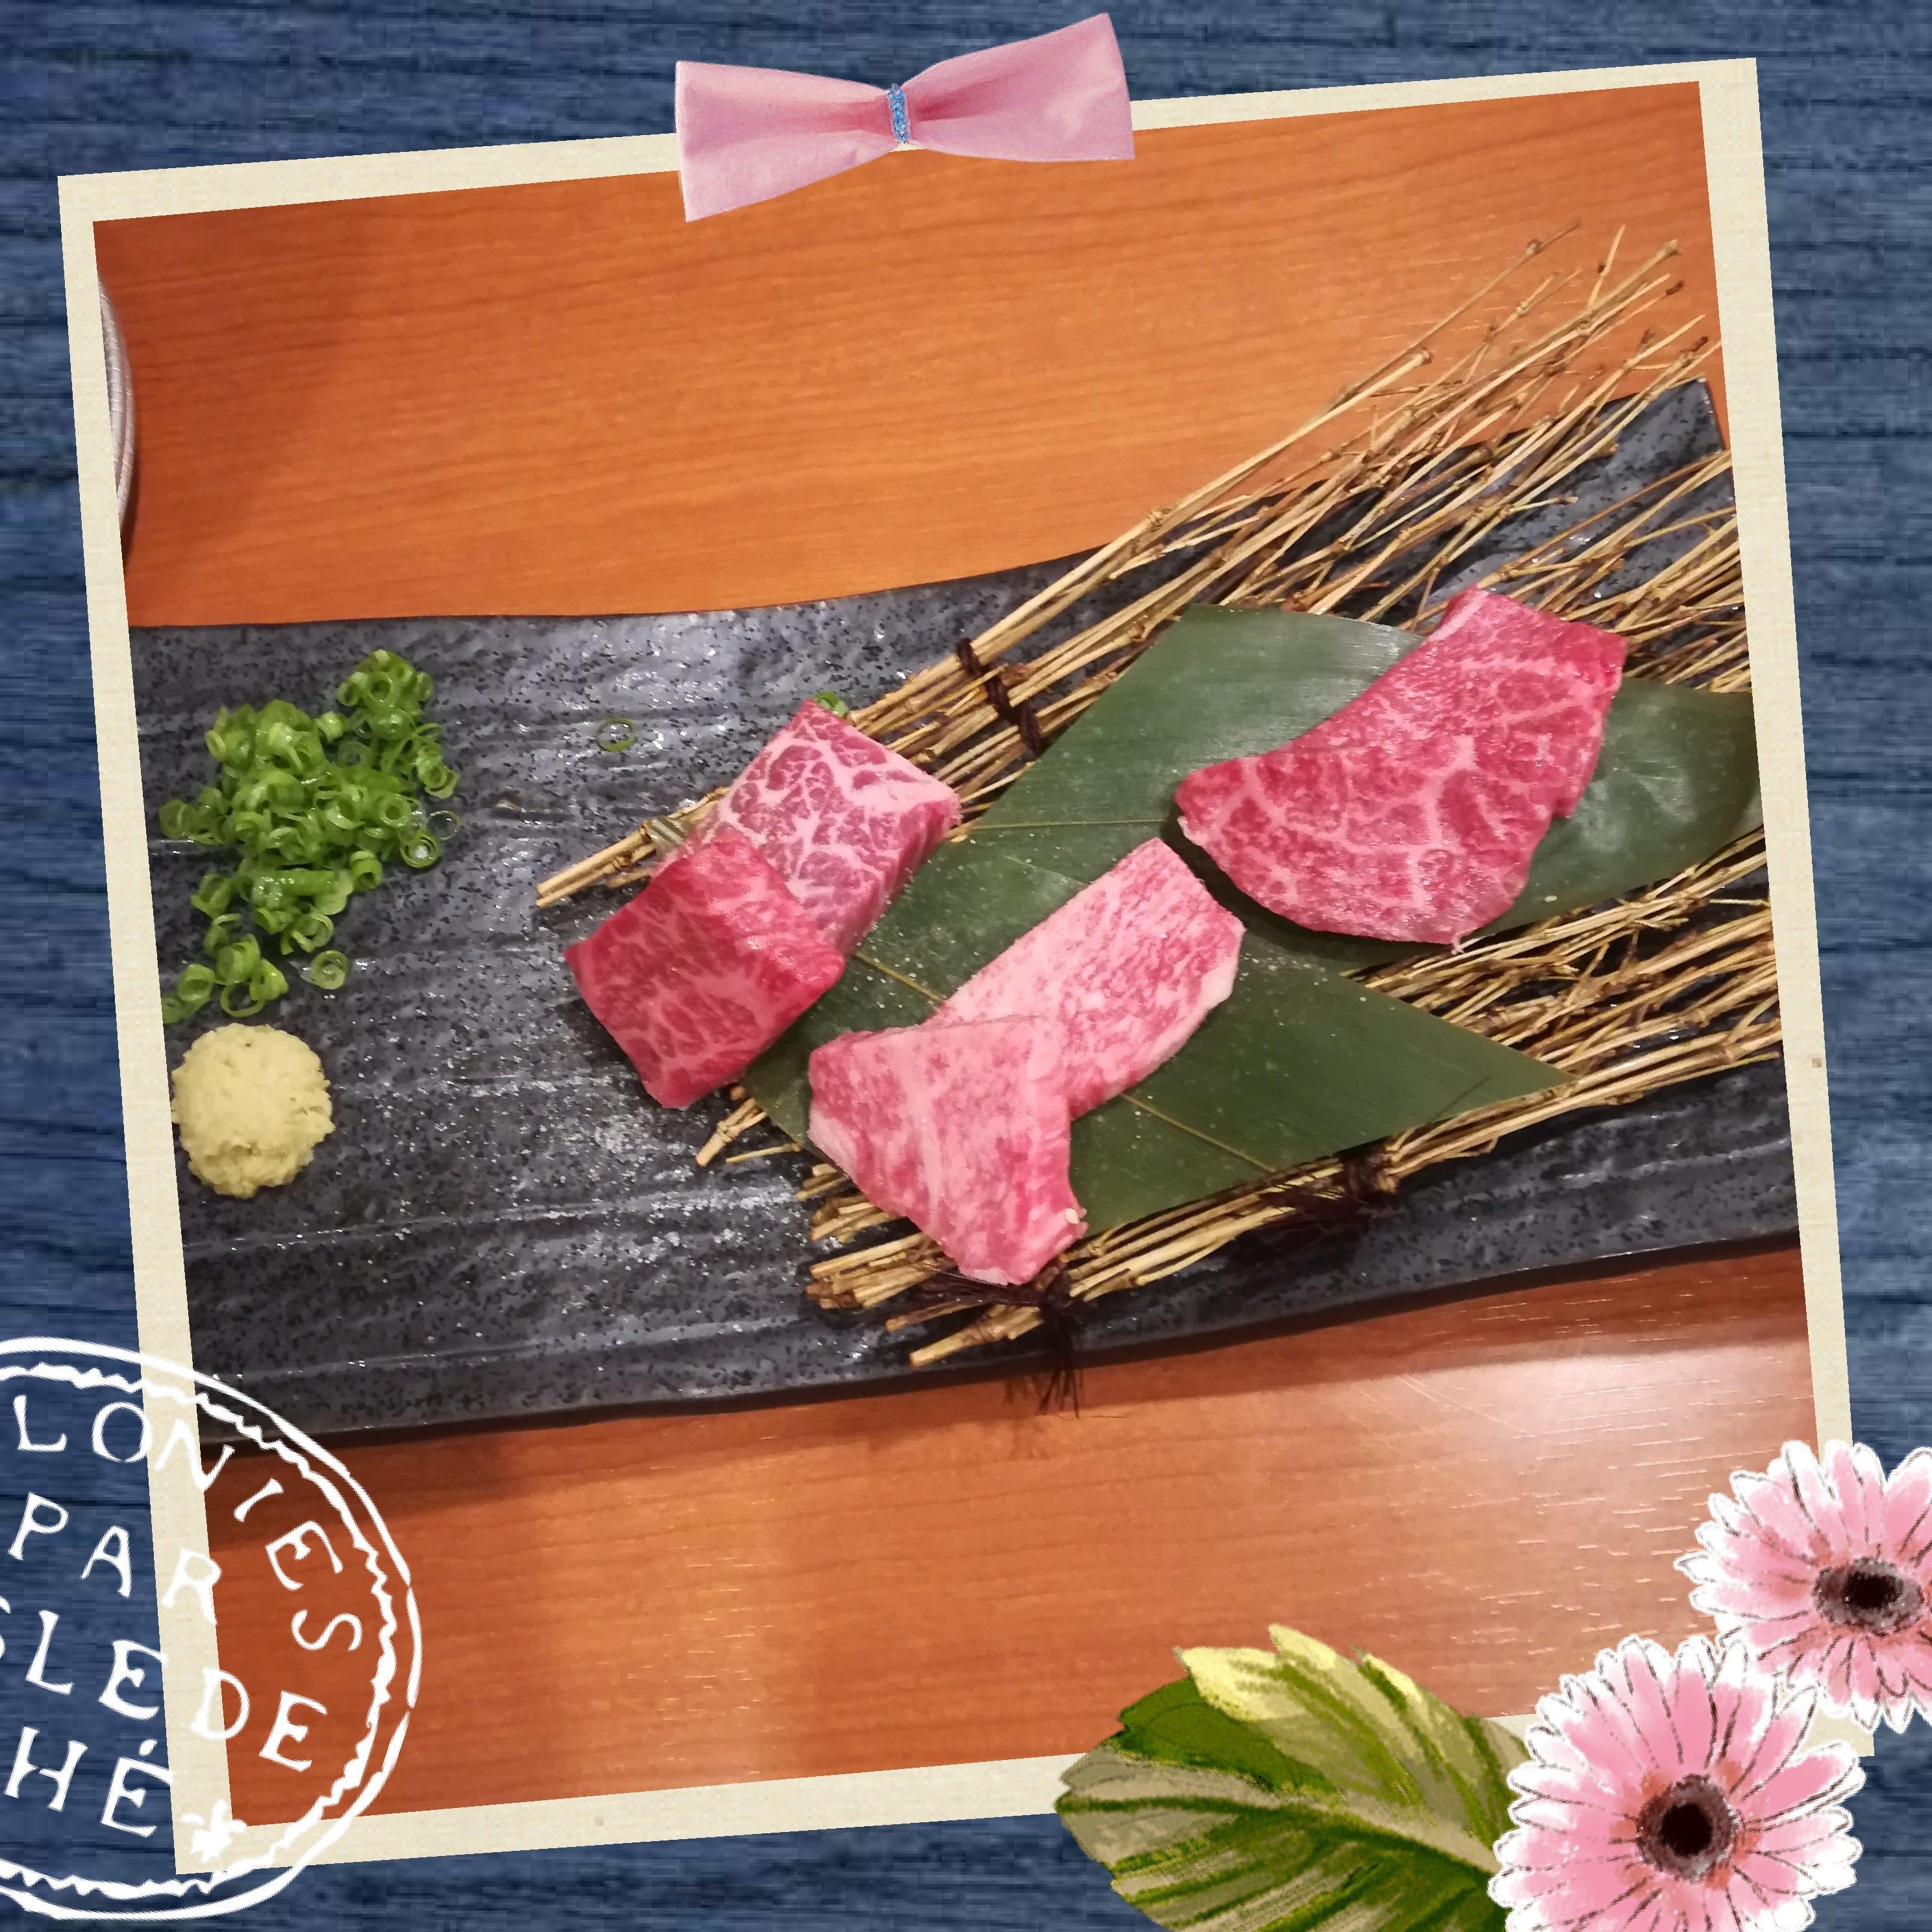 「お肉食べたい・・・」08/08(08/08) 17:14   くうの写メ・風俗動画